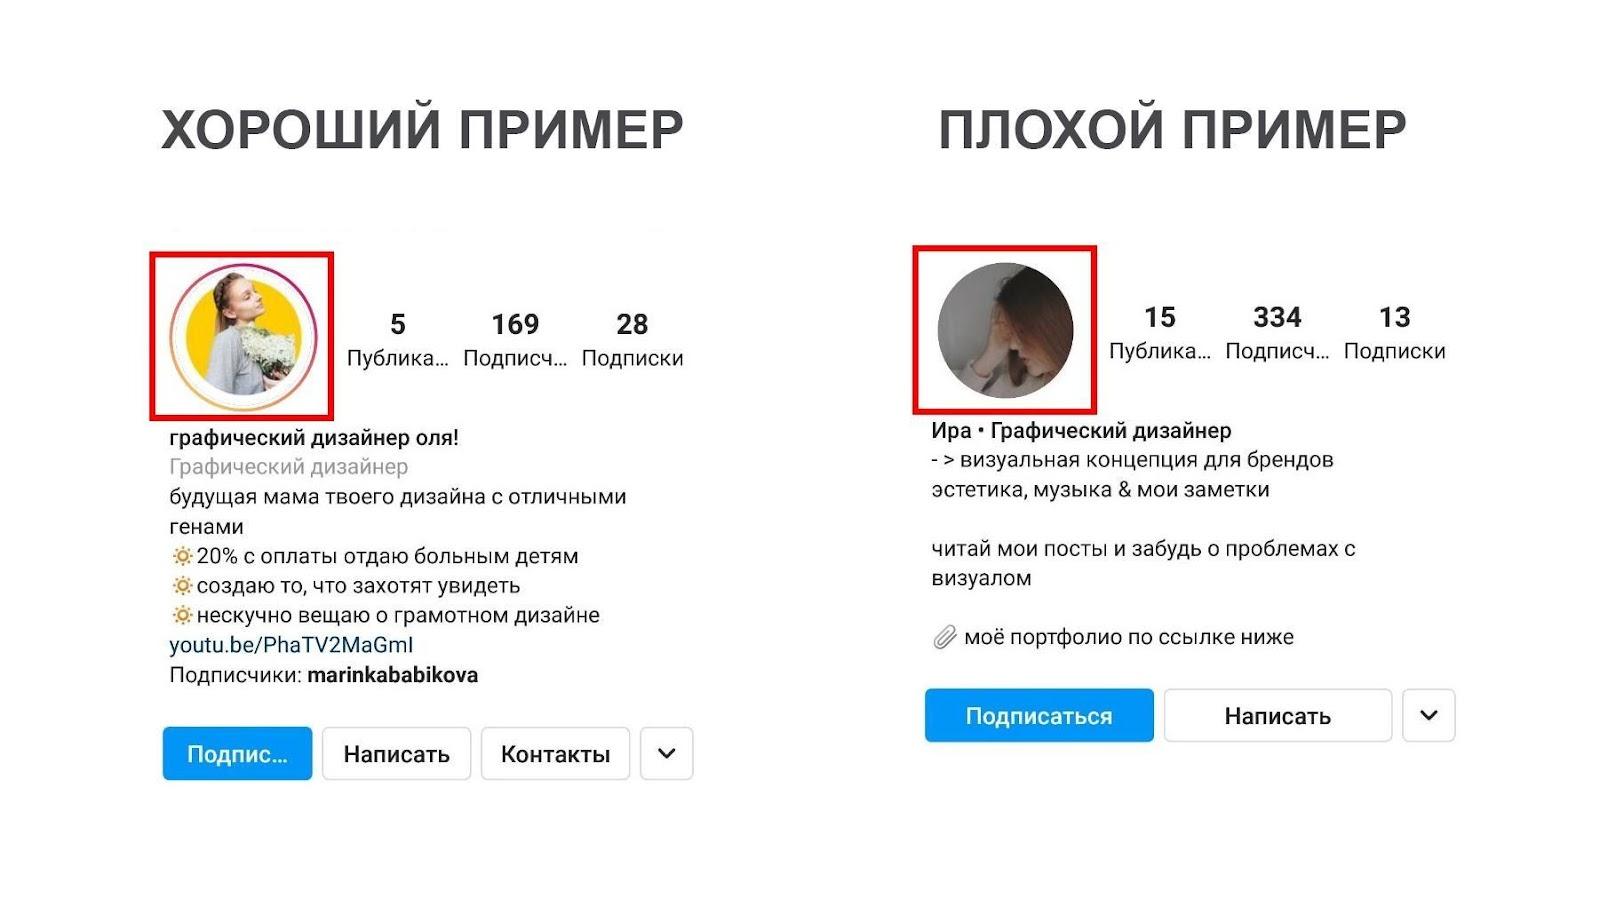 Шапка профиля в Инстаграм 2021: как оформить правильно